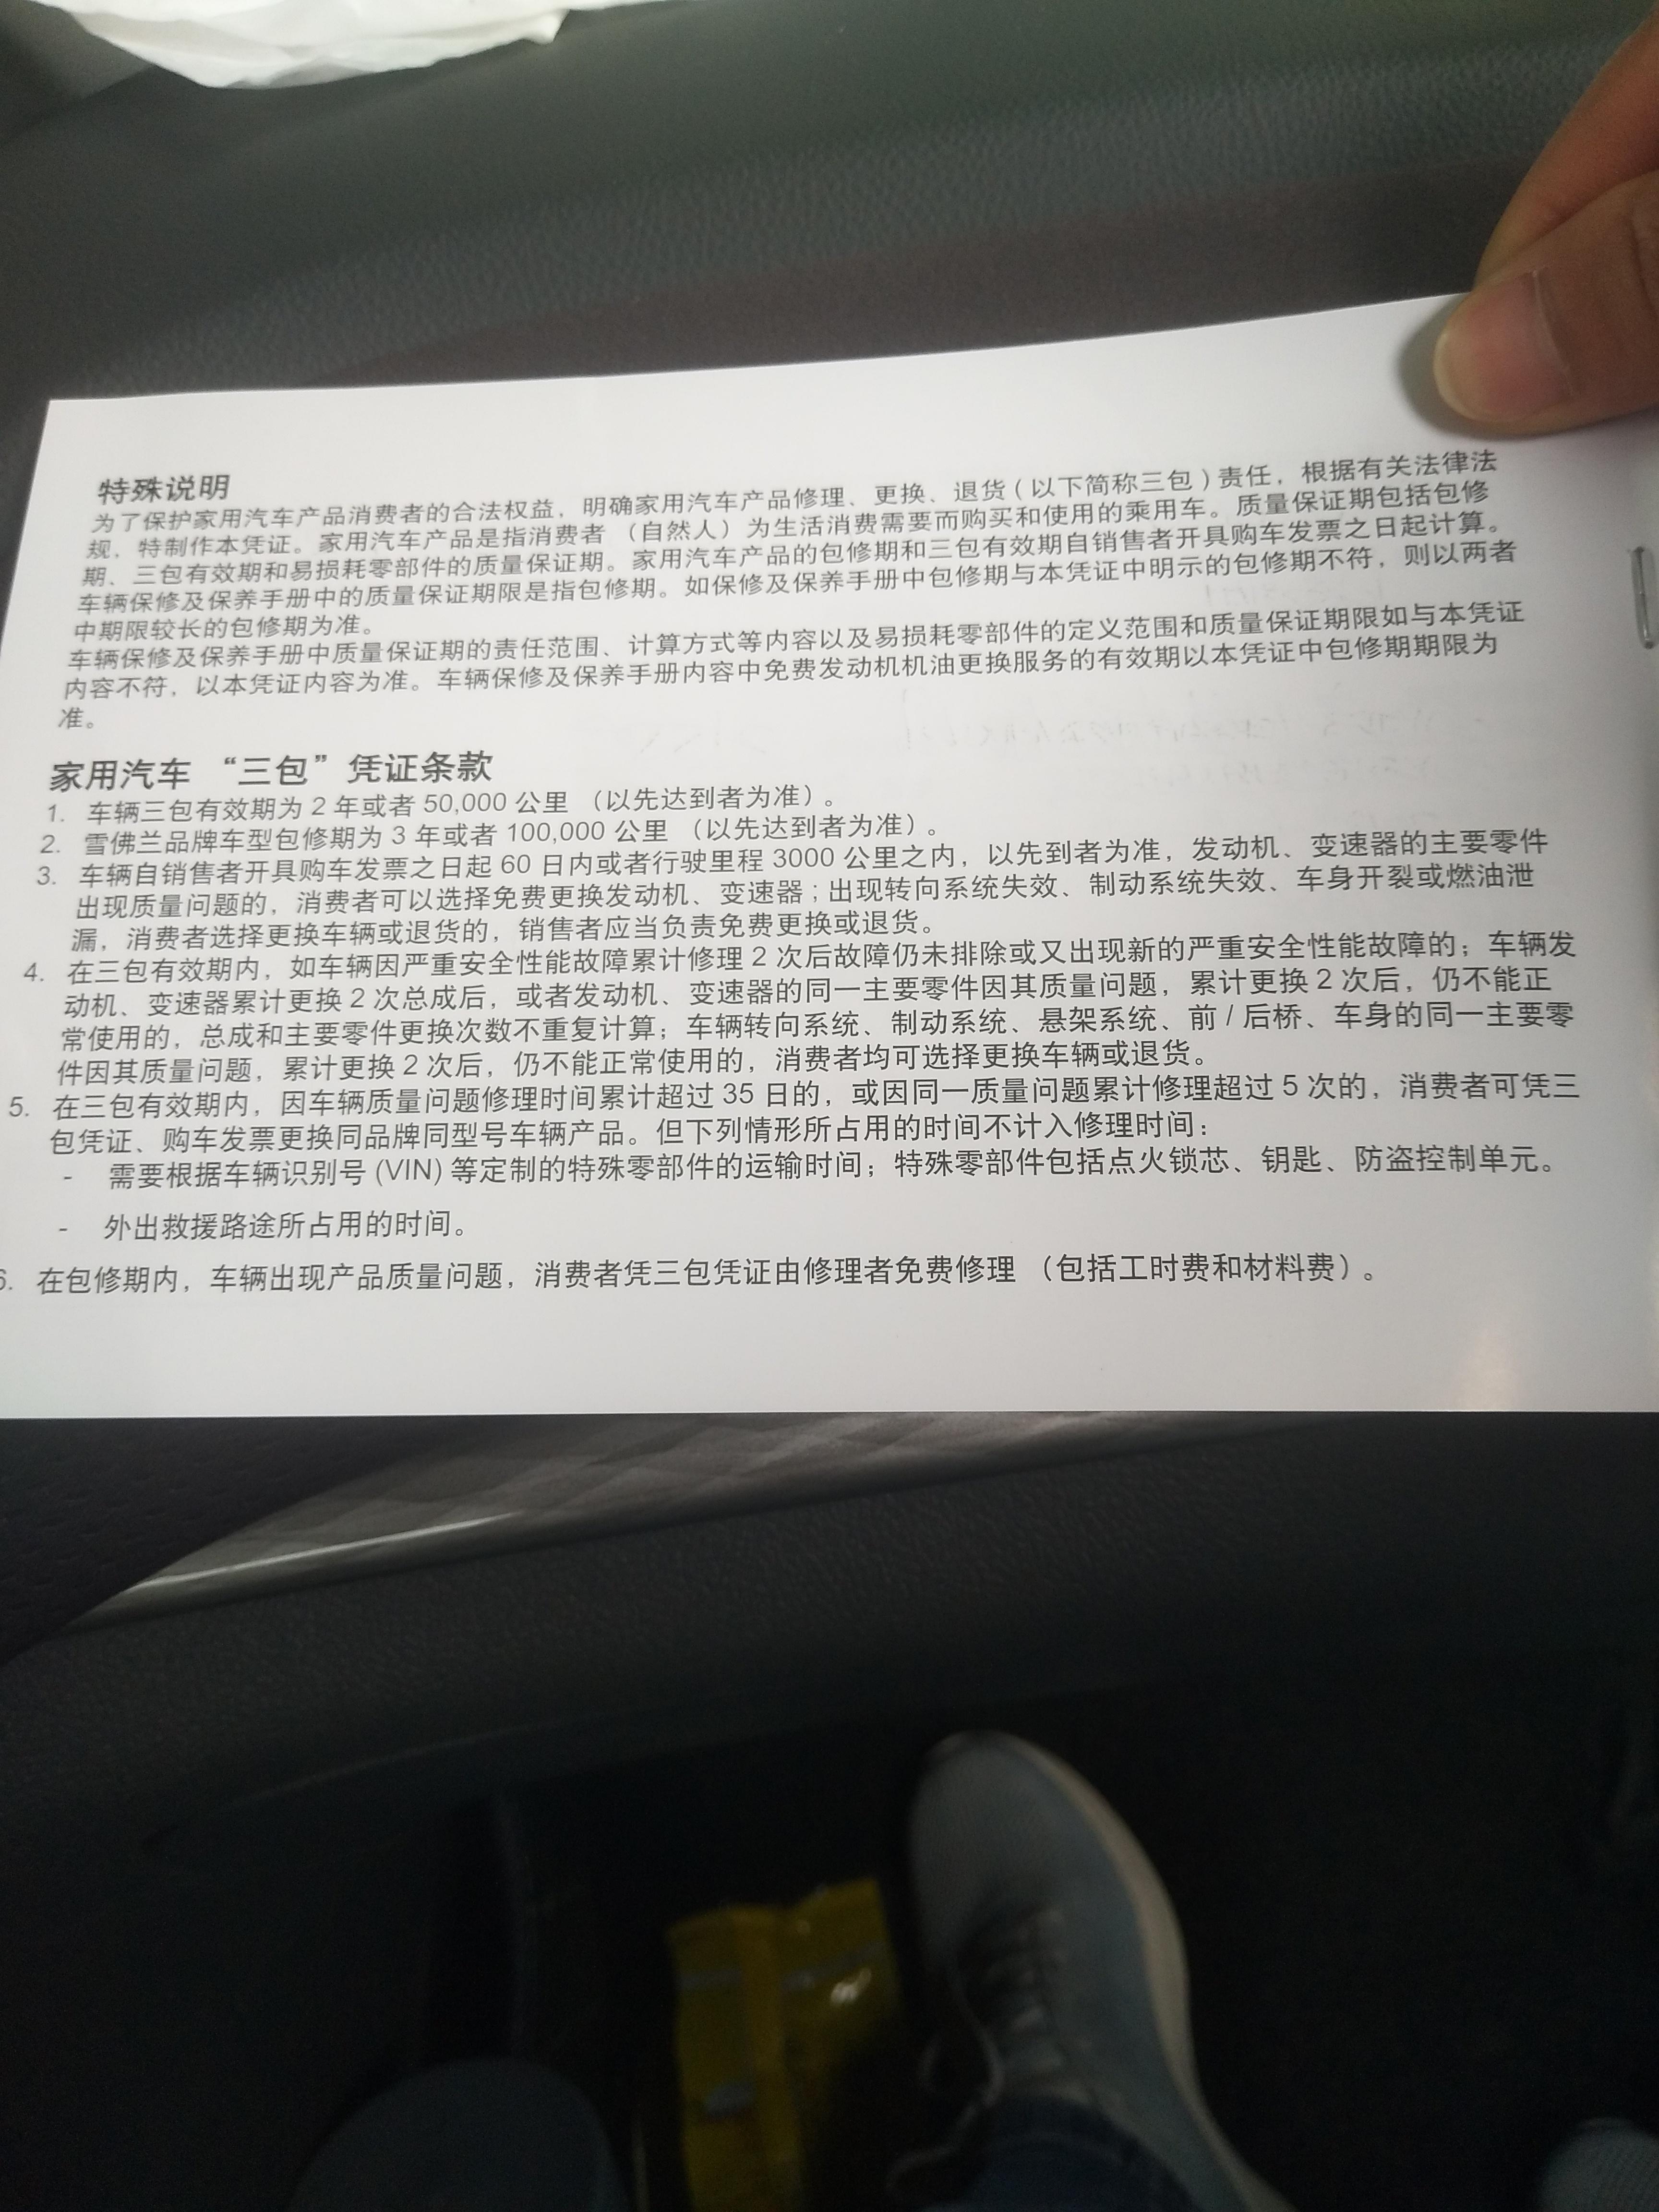 雪佛兰-迈锐宝 三包期内中控多媒体屏故障  4S店不履行三包